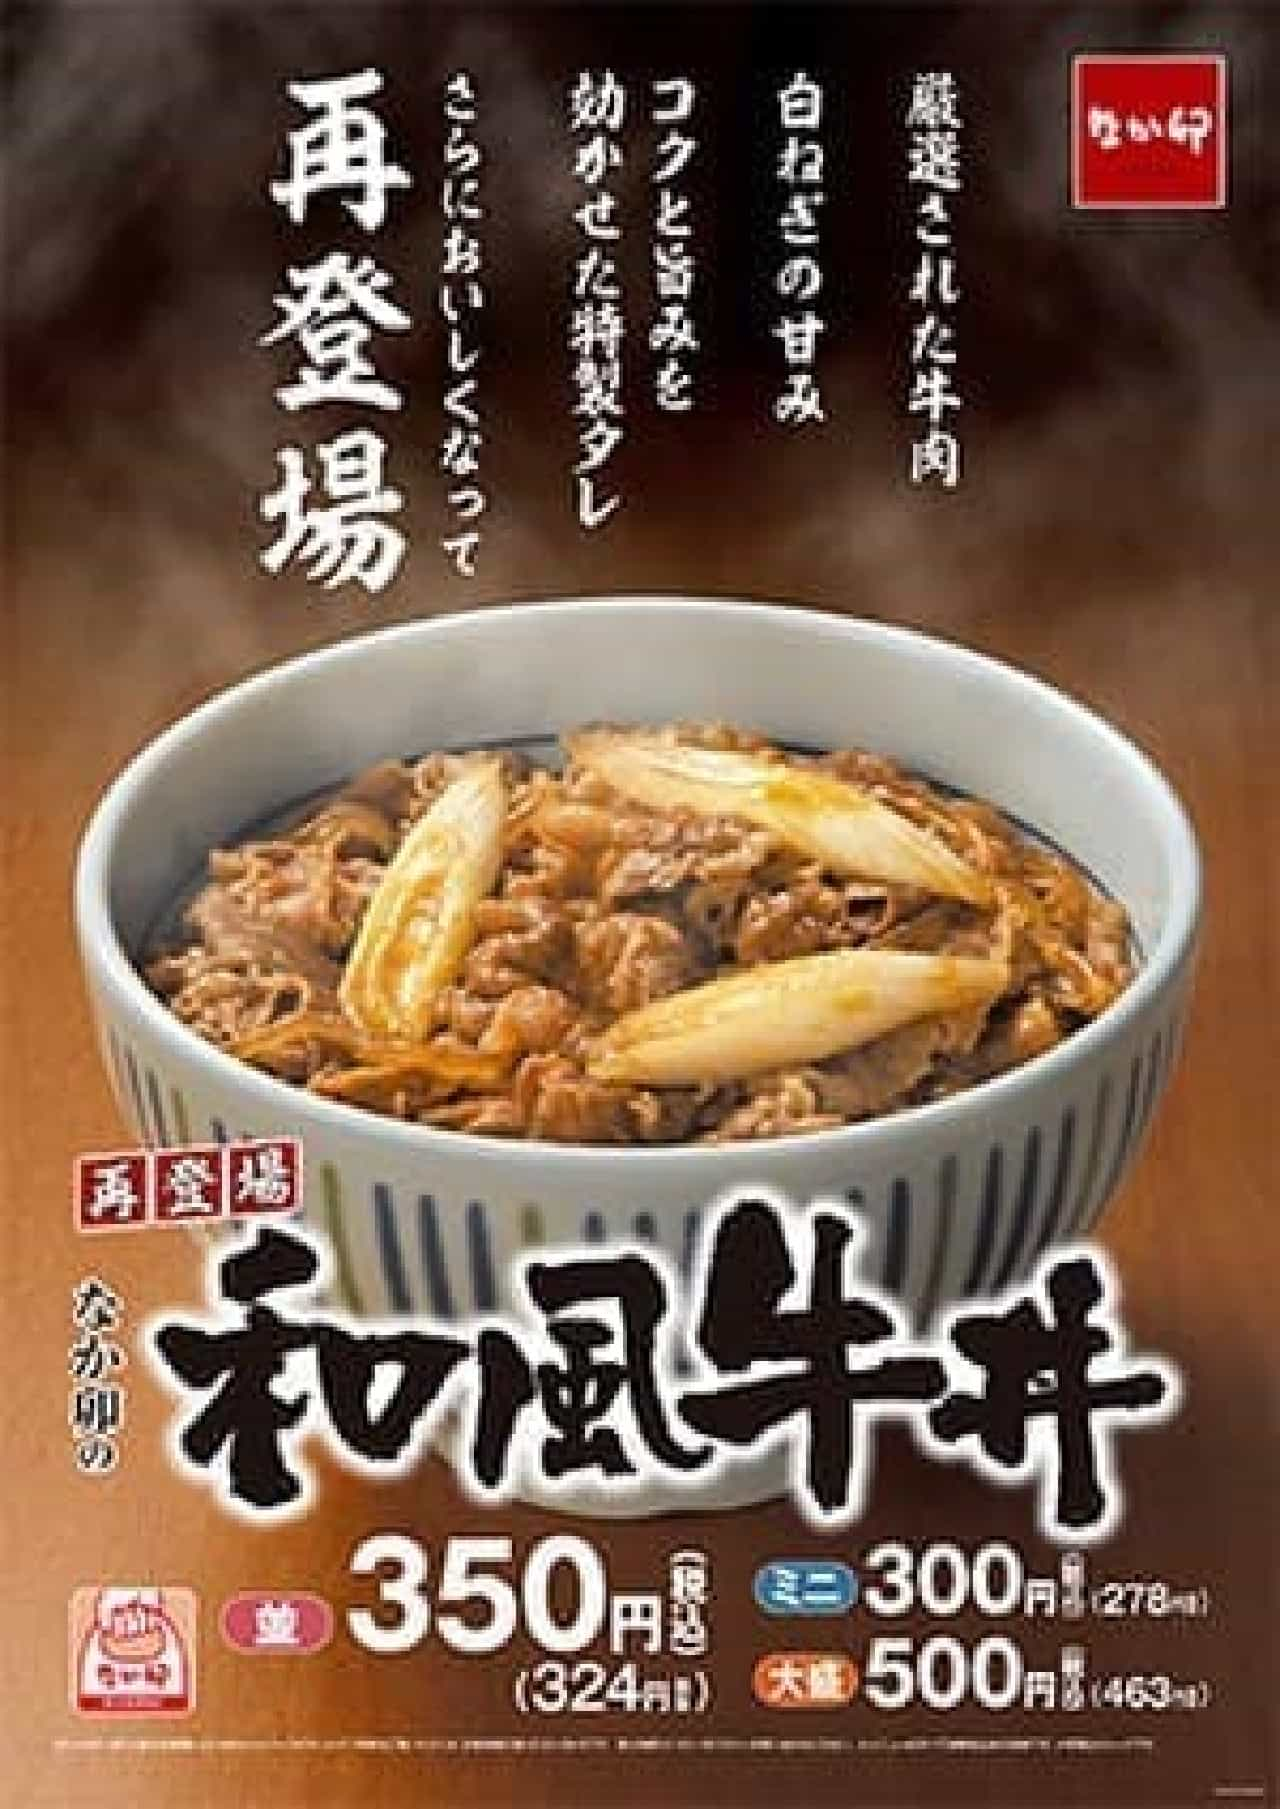 さらにおいしくなって再登場!「和風牛丼」  (出典:なか卯 公式ホームページ)